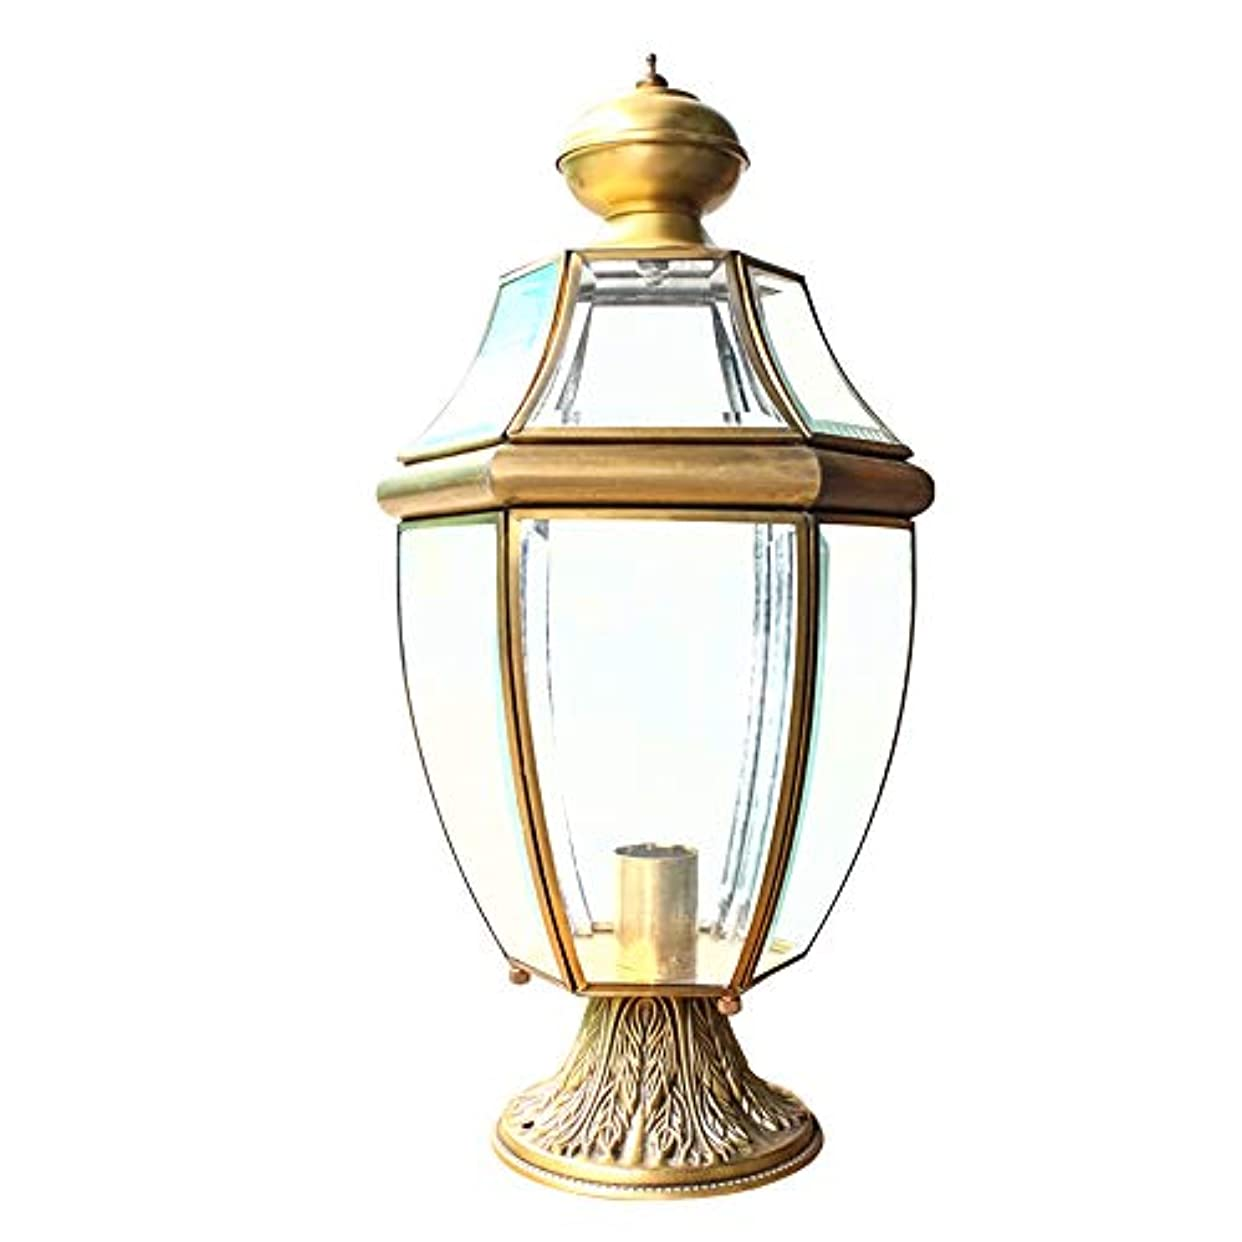 明確に専門用語つかの間Pinjeer ヴィンテージE27銅屋外防水ガラスポストライトヨーロッパライト高級レトロ工業コラムランプホームヴィラドアストリートガーデン装飾柱ライト